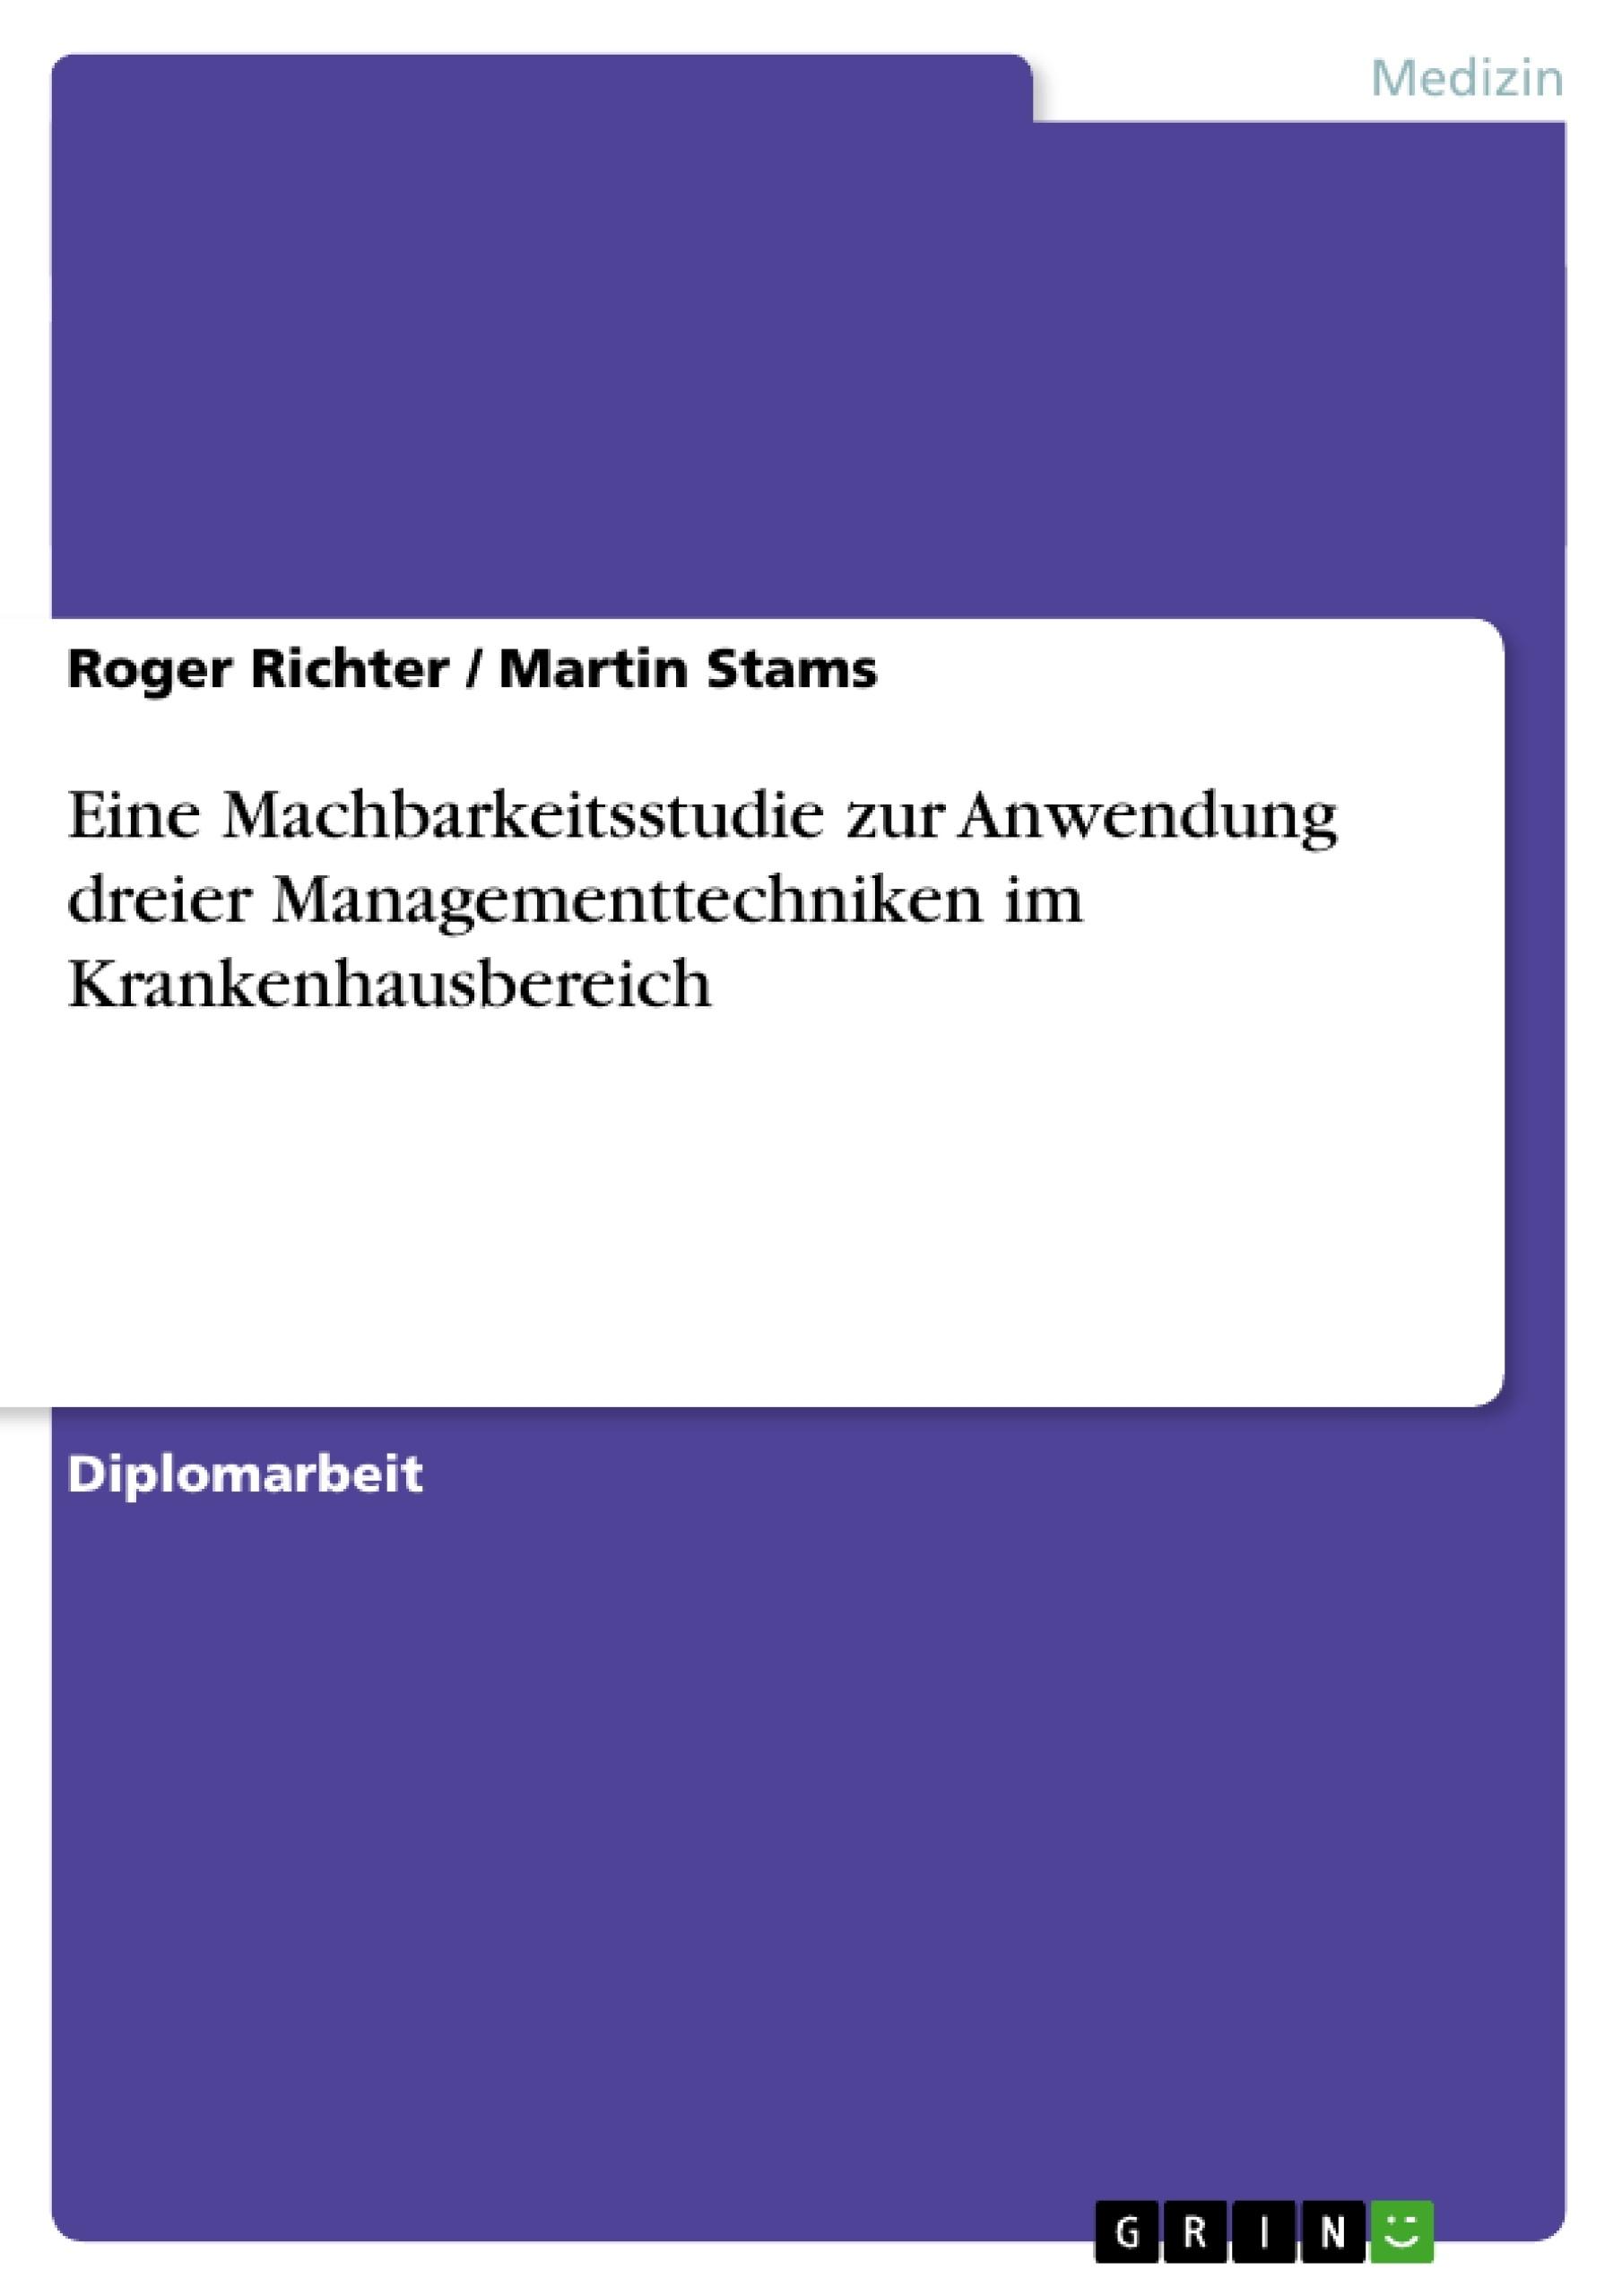 Titel: Eine Machbarkeitsstudie zur Anwendung dreier Managementtechniken im Krankenhausbereich